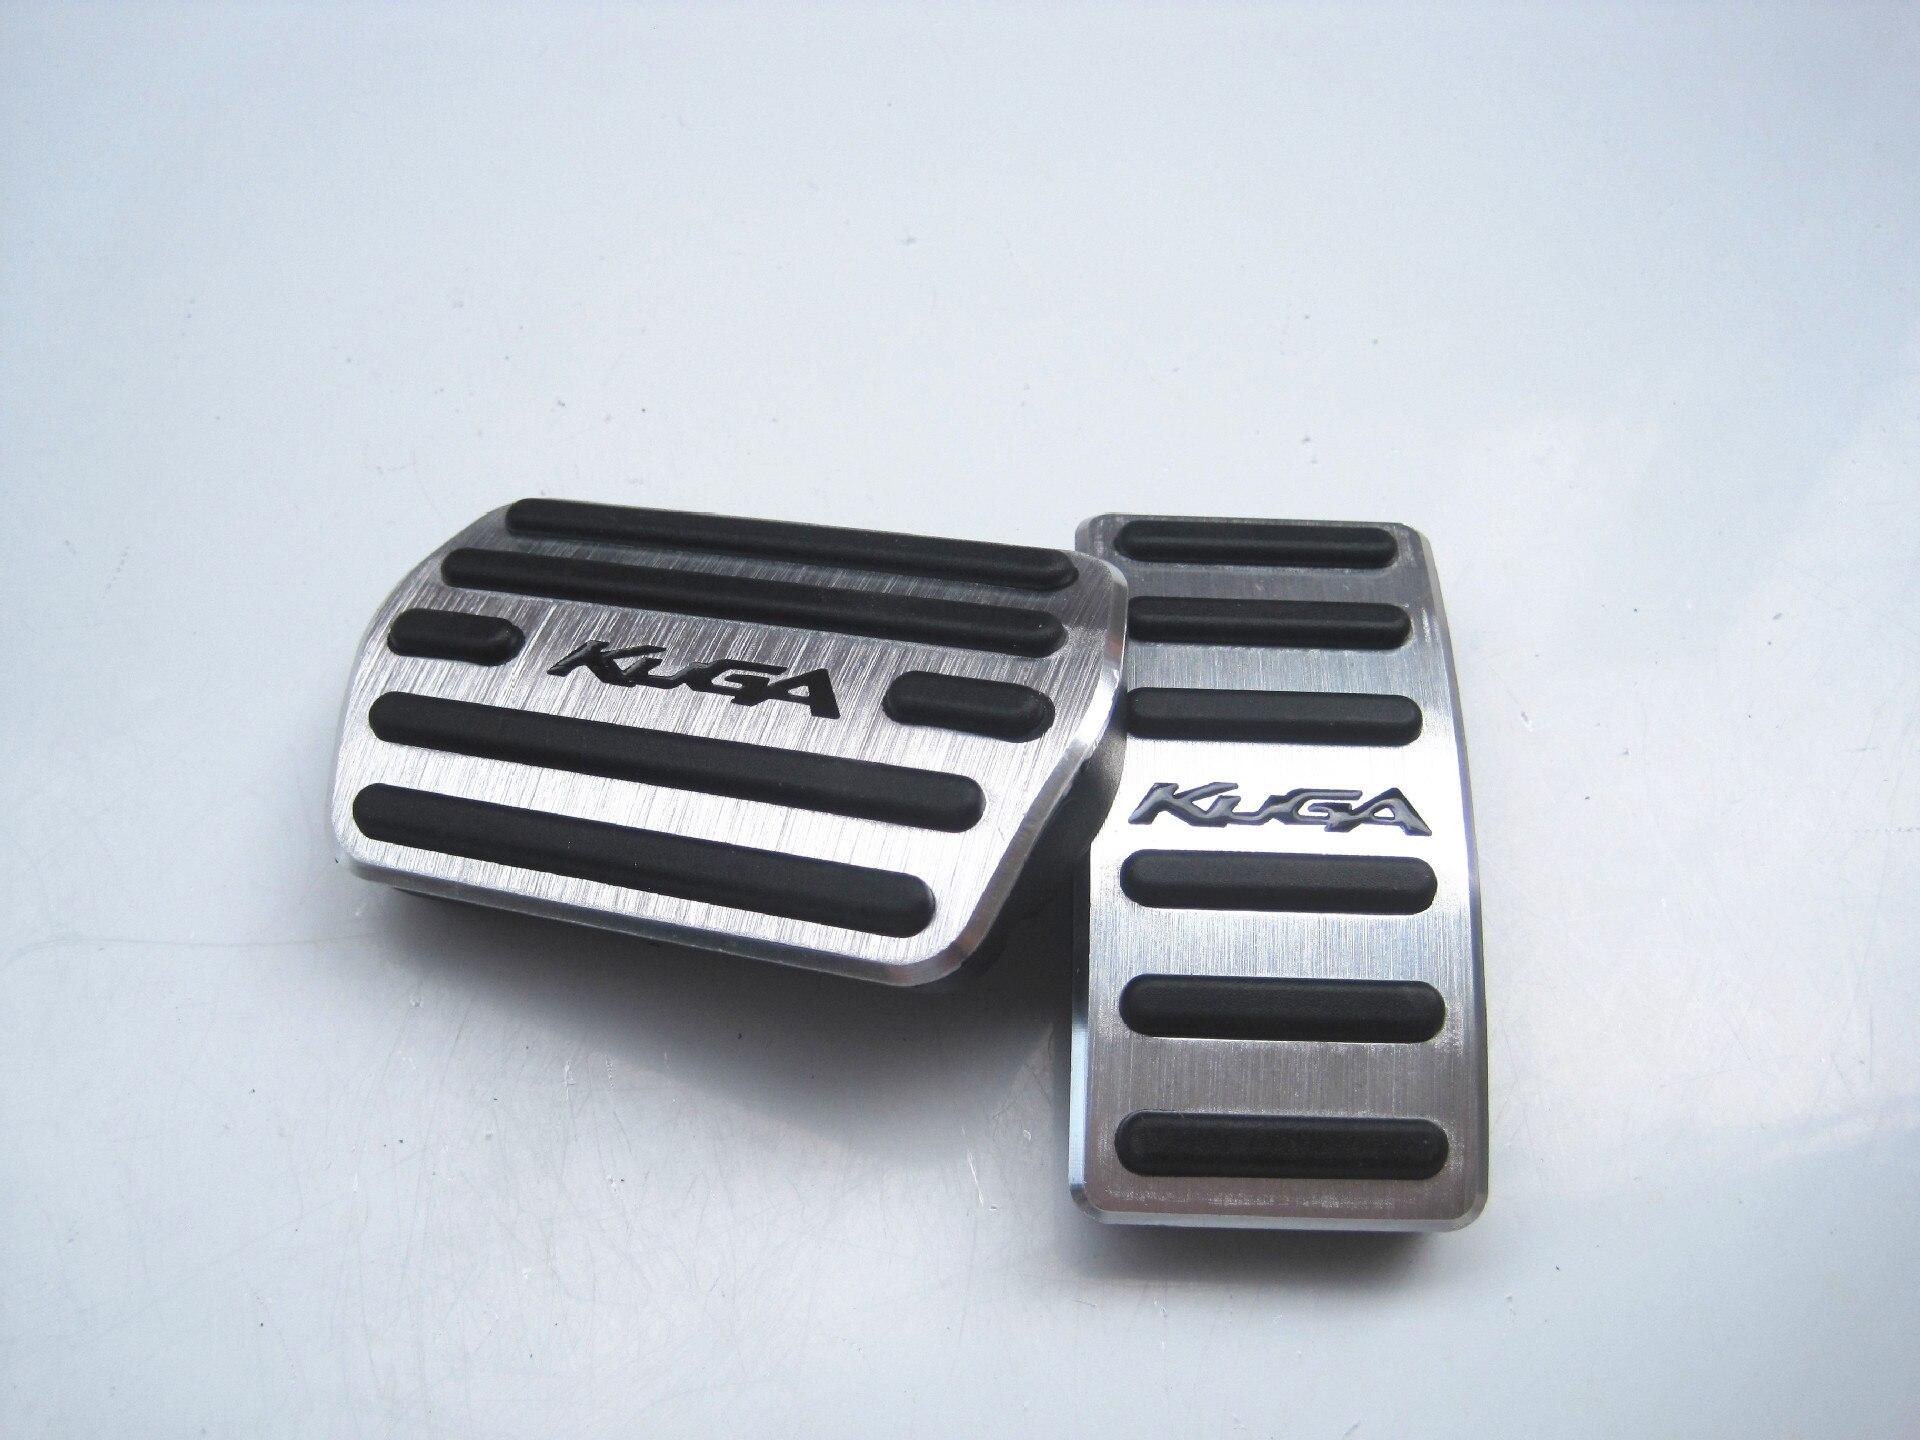 Педаль тормоза из алюминиевого сплава pegale Крышка для Ford Kuga Escape 2013 2014 2015 2016 2017 аксессуары